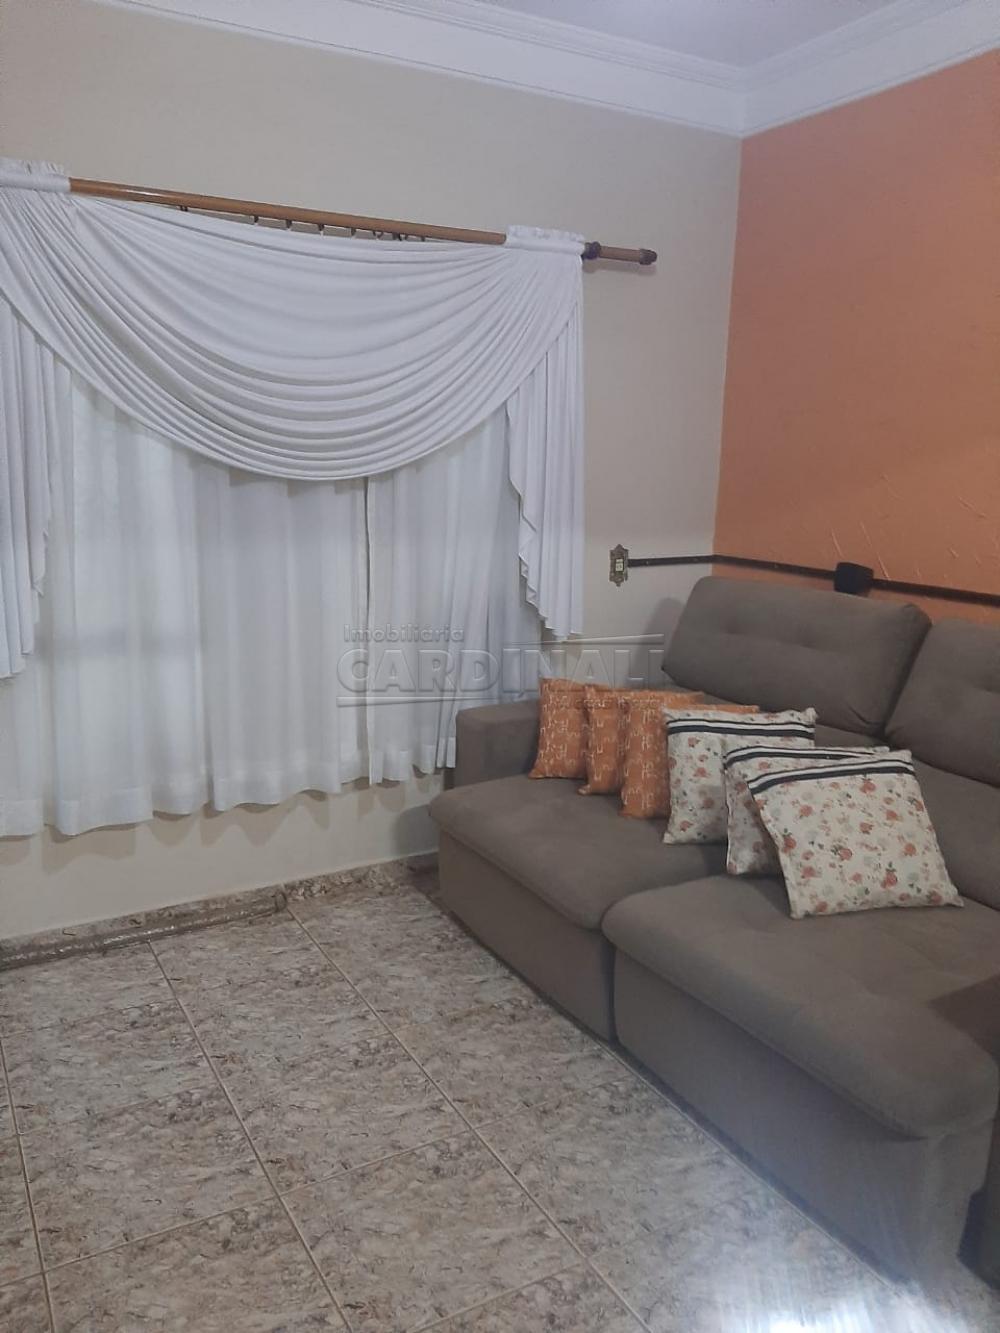 Comprar Casa / Padrão em São Carlos R$ 373.000,00 - Foto 9